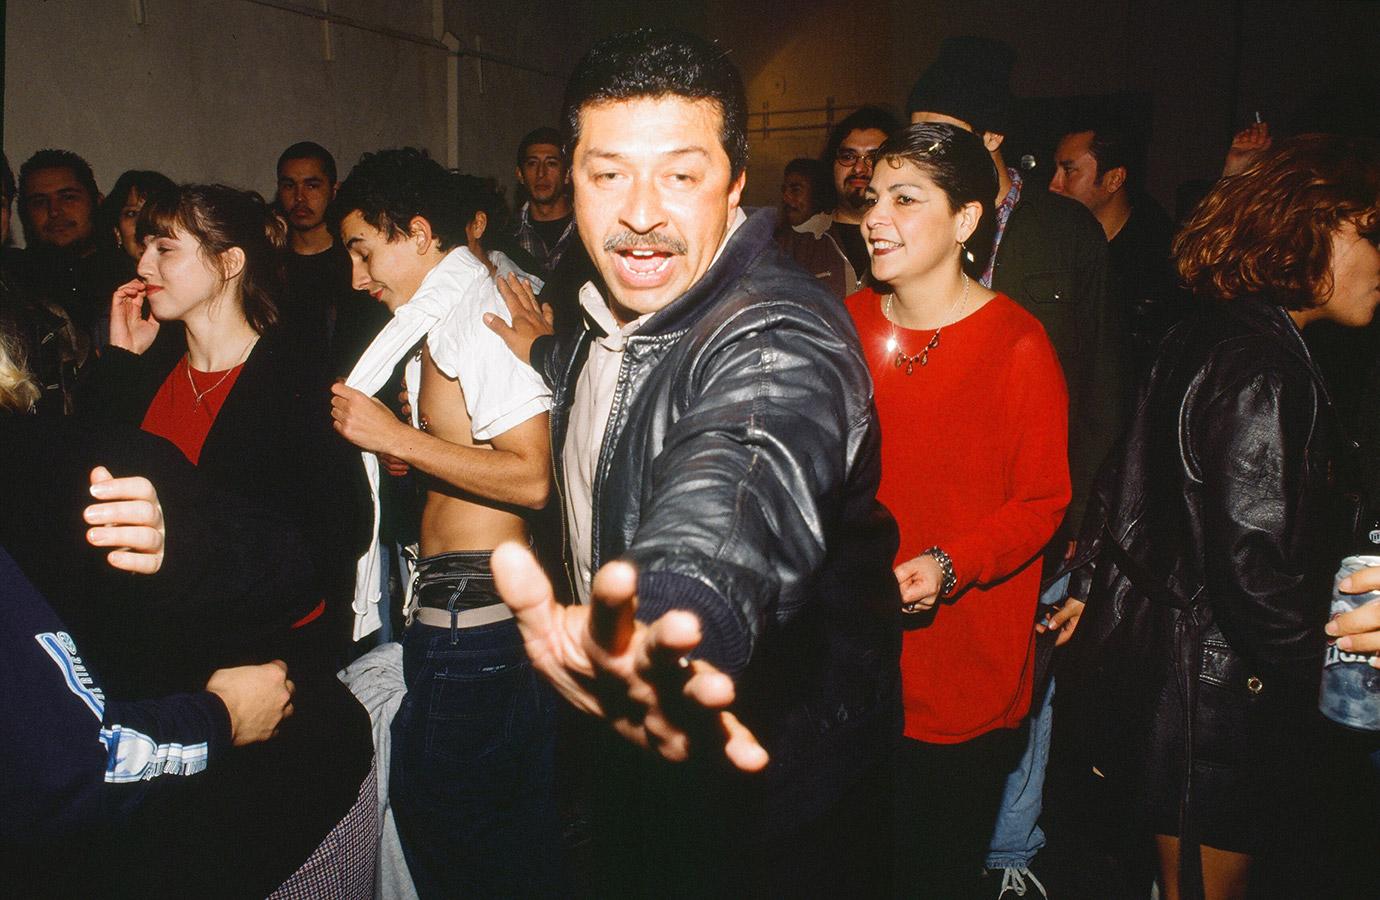 Dancing at Pico Rivera-Deland Street